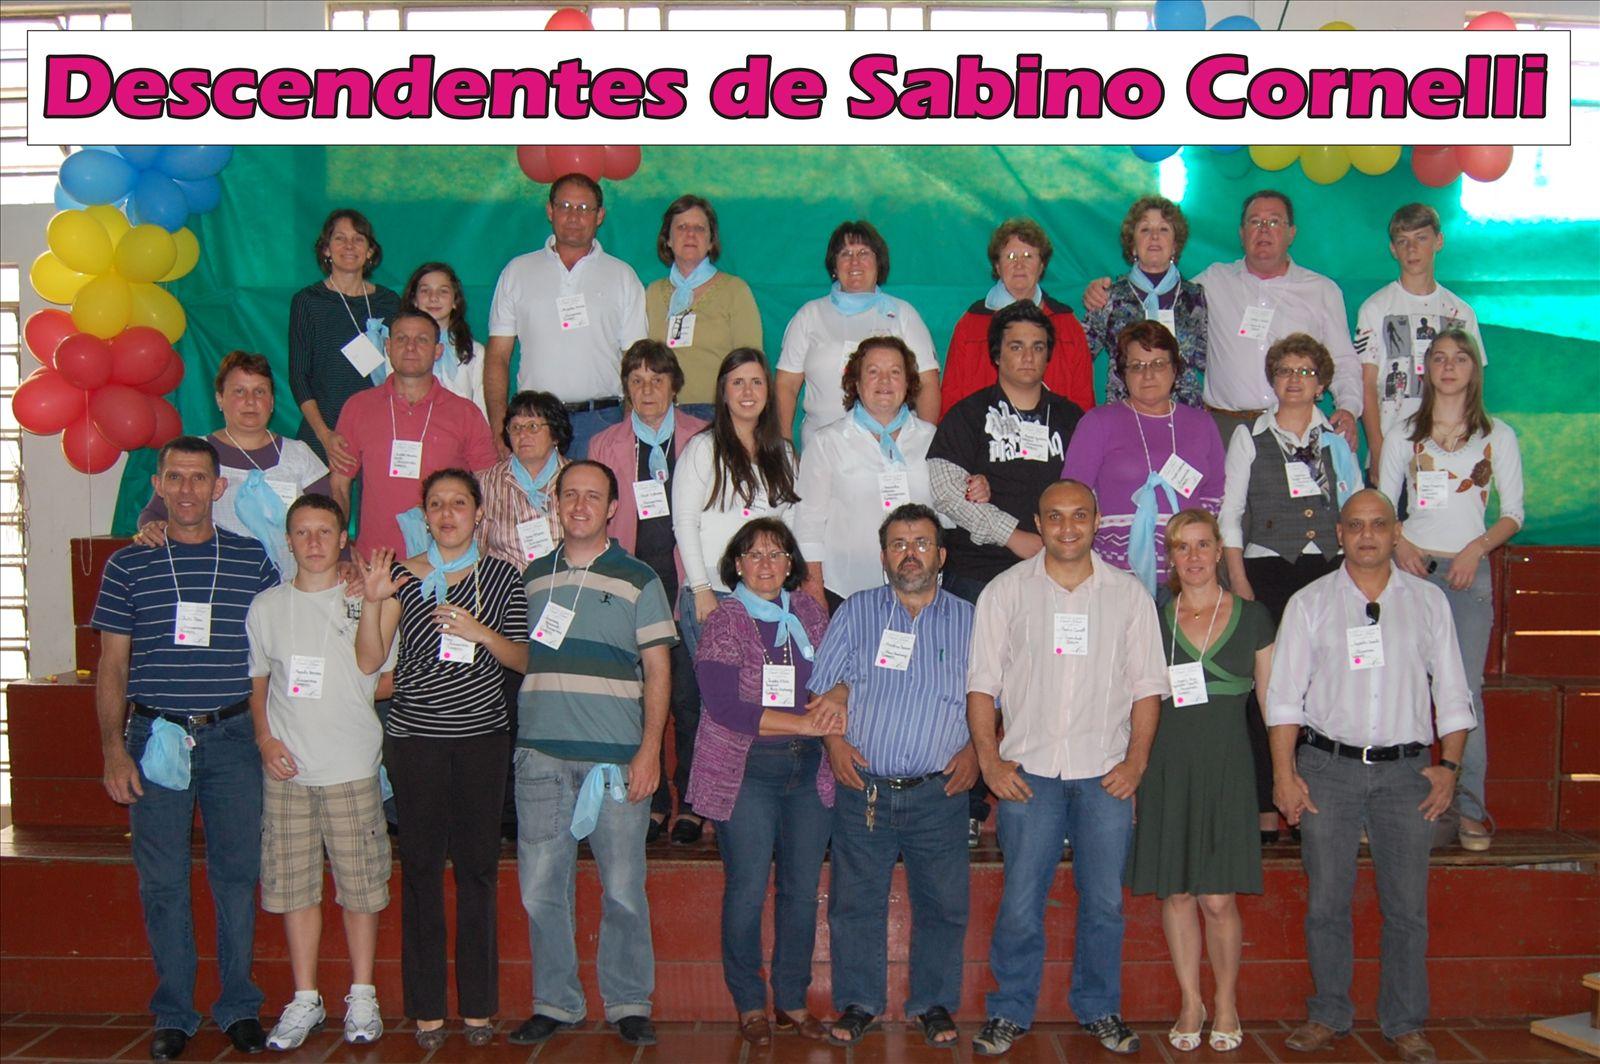 Descendentes de Sabino Cornelli 02_0